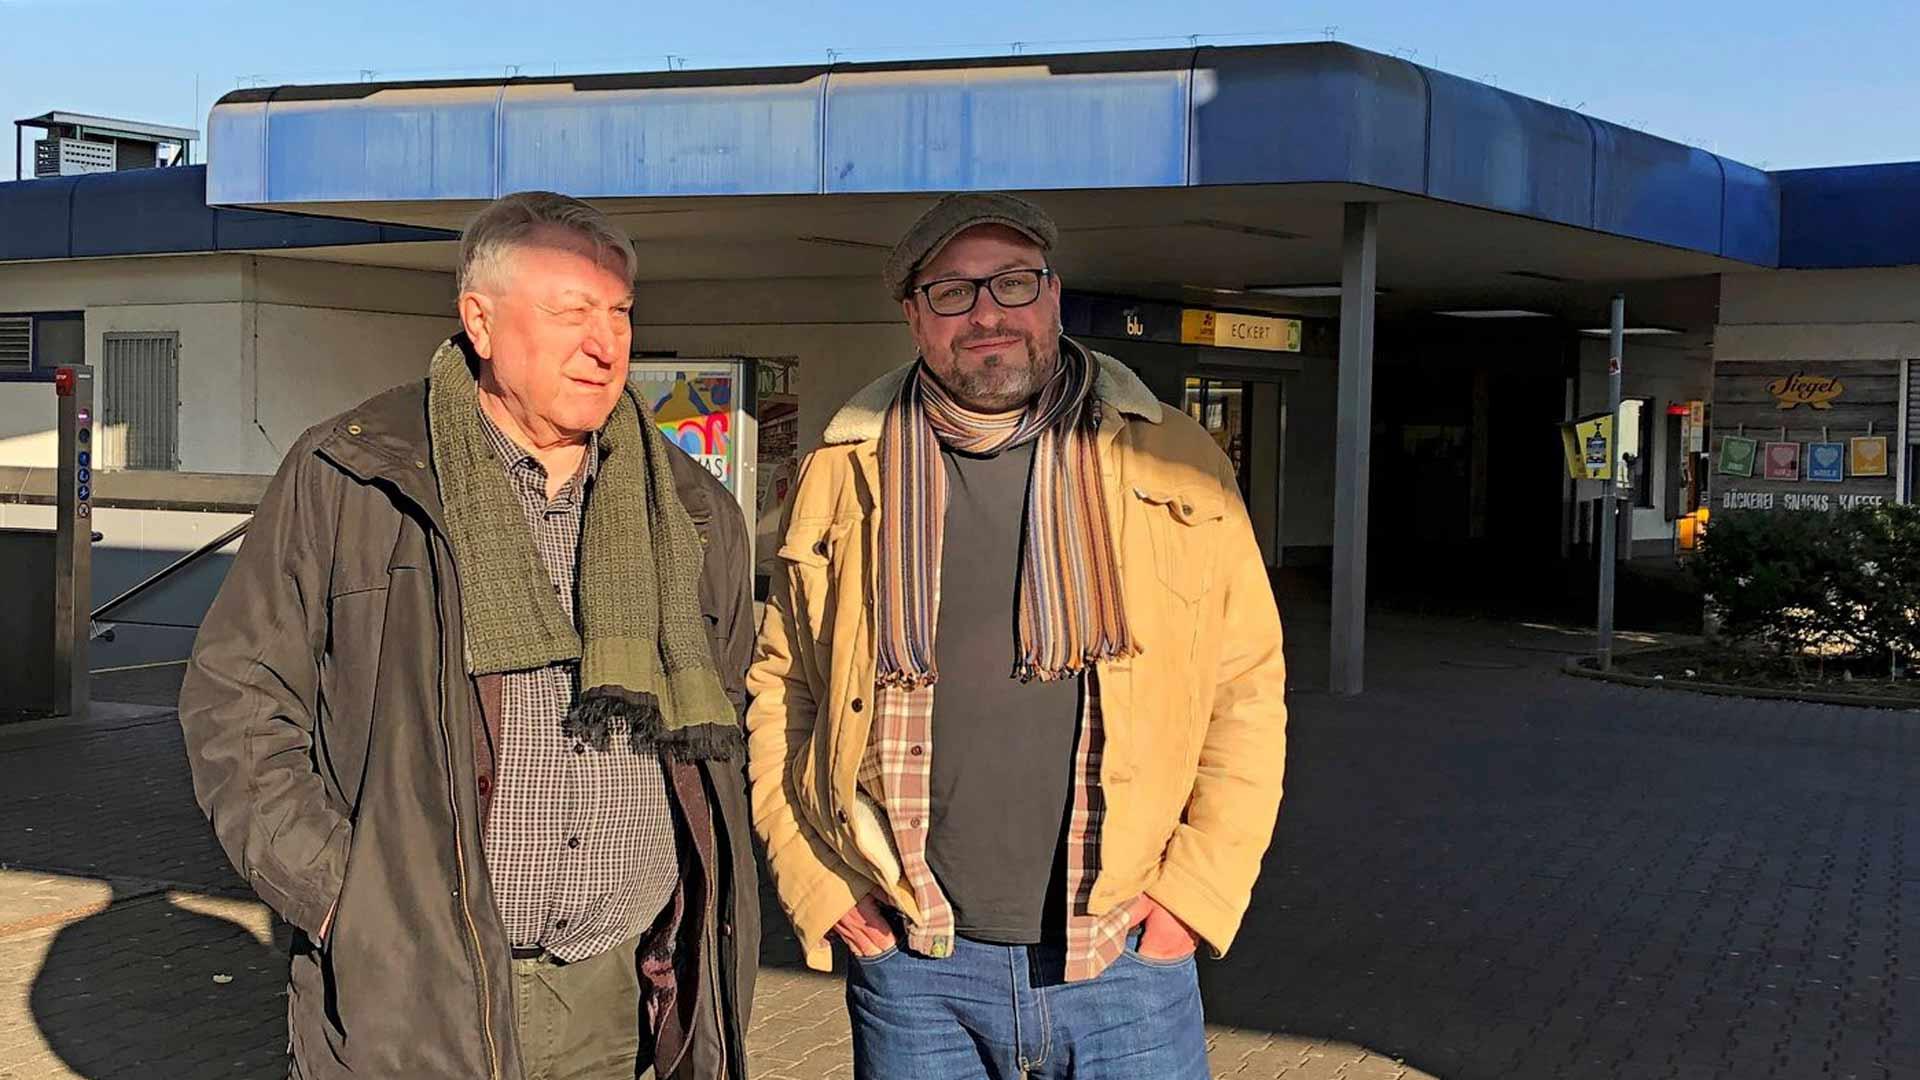 Topi Salmi teki isänsä Vexi Salmen kanssa Saksaan matkan, johon kuului junareissu Stuttgartiin.